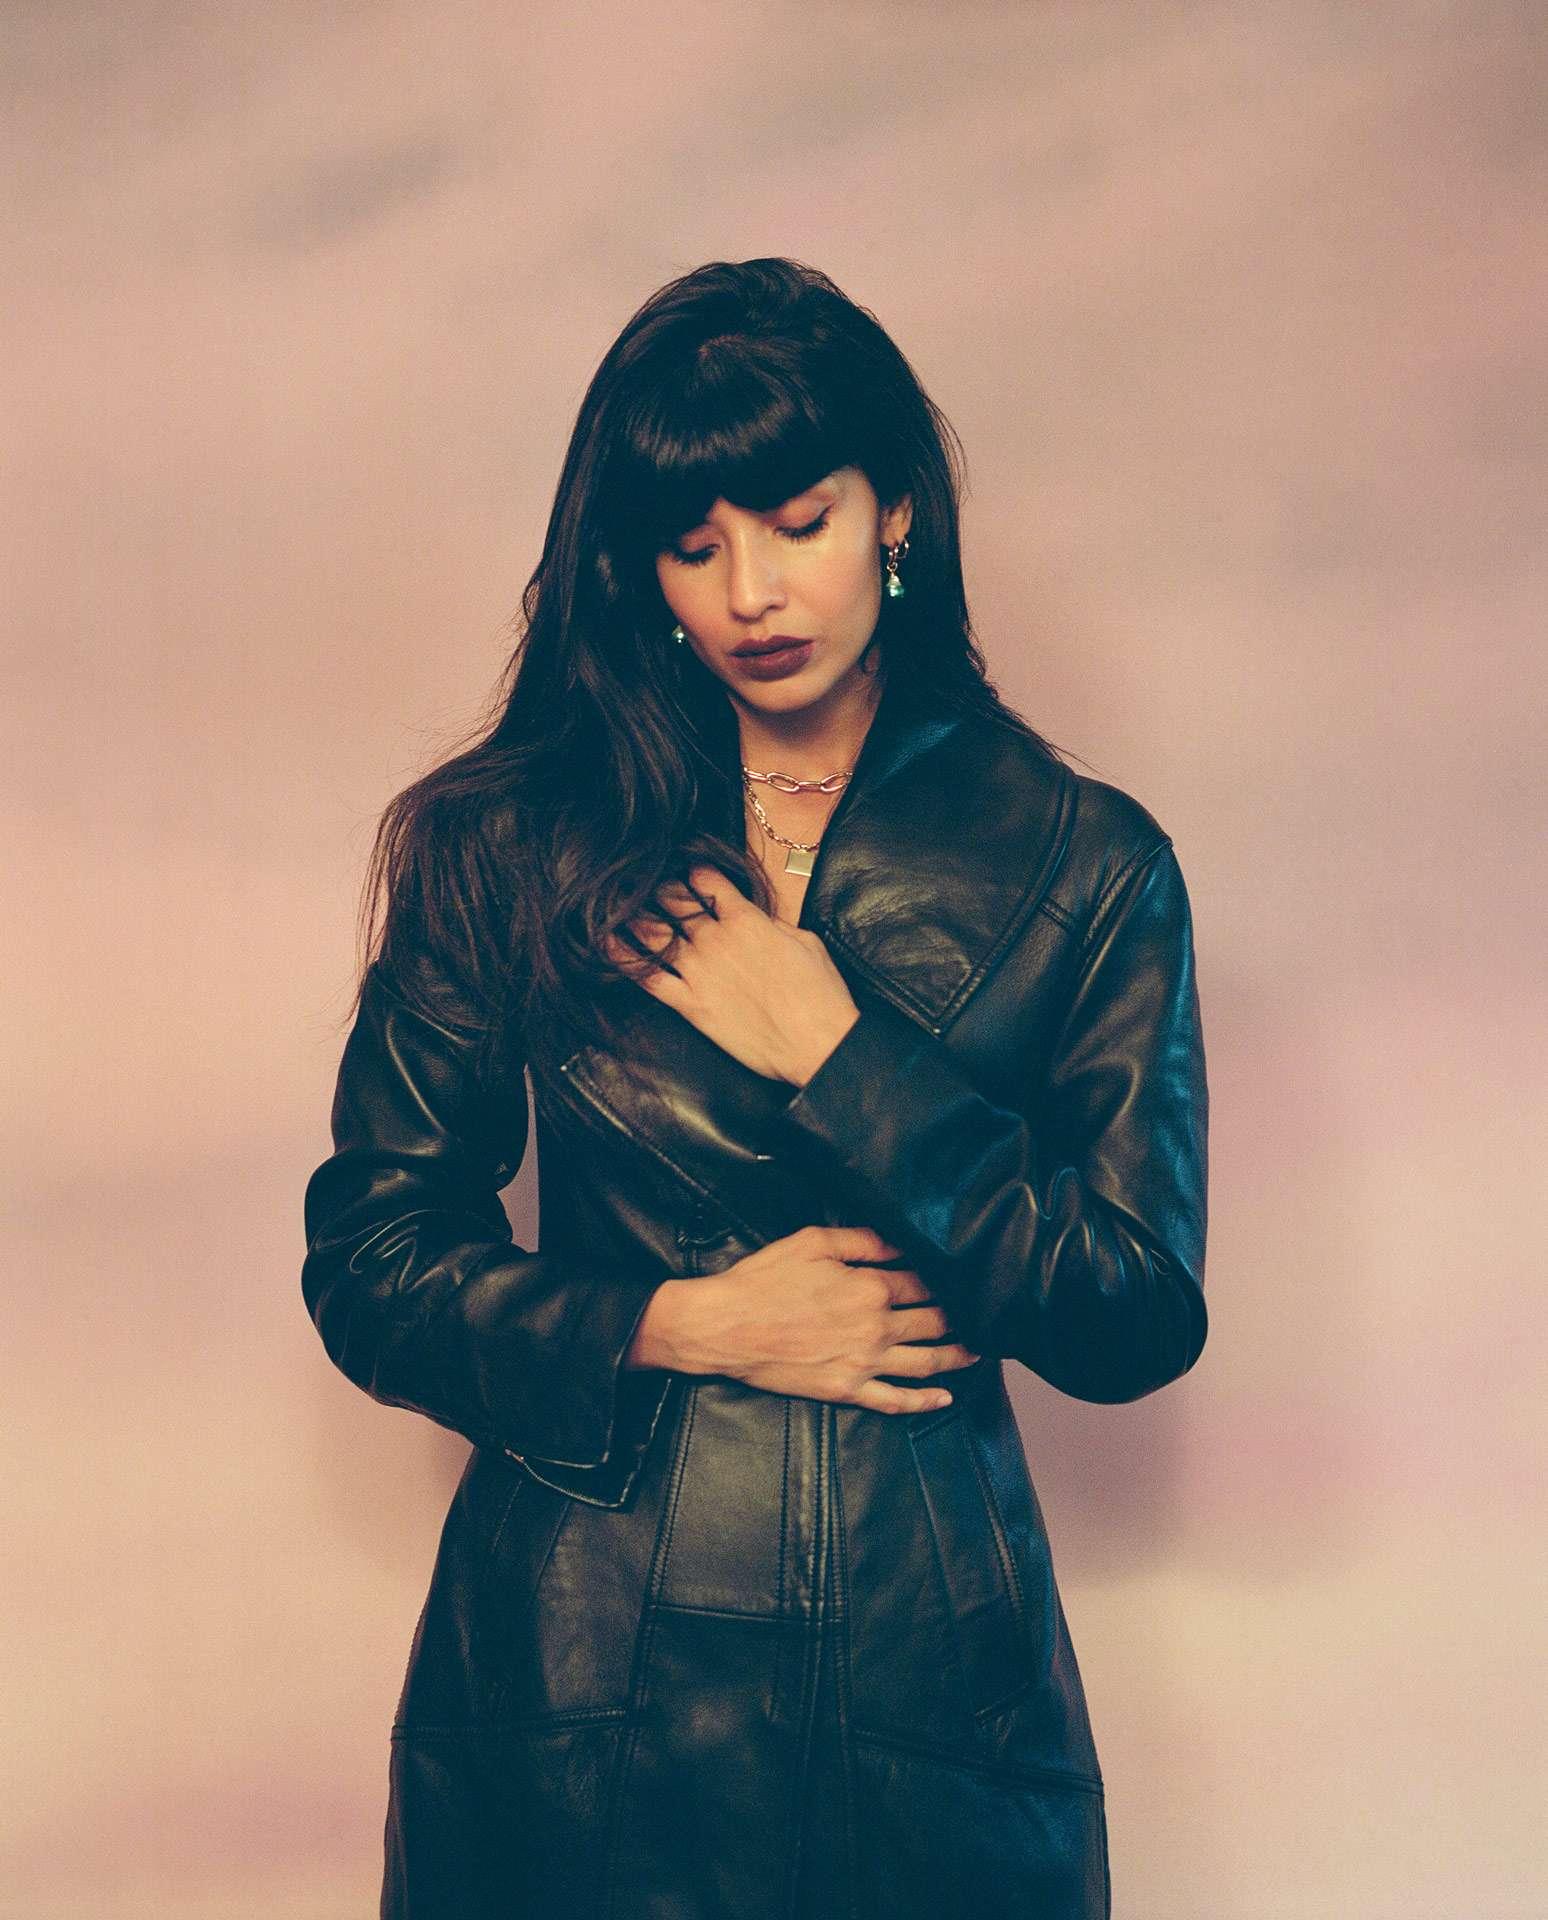 photographie de l'actrice Jameela Jamil contre un mur une main sur son ventre l'autre sur sa poitrine les yeux fermés tête baissée par Oumayma B. Tanfous pour Vogue Espagne